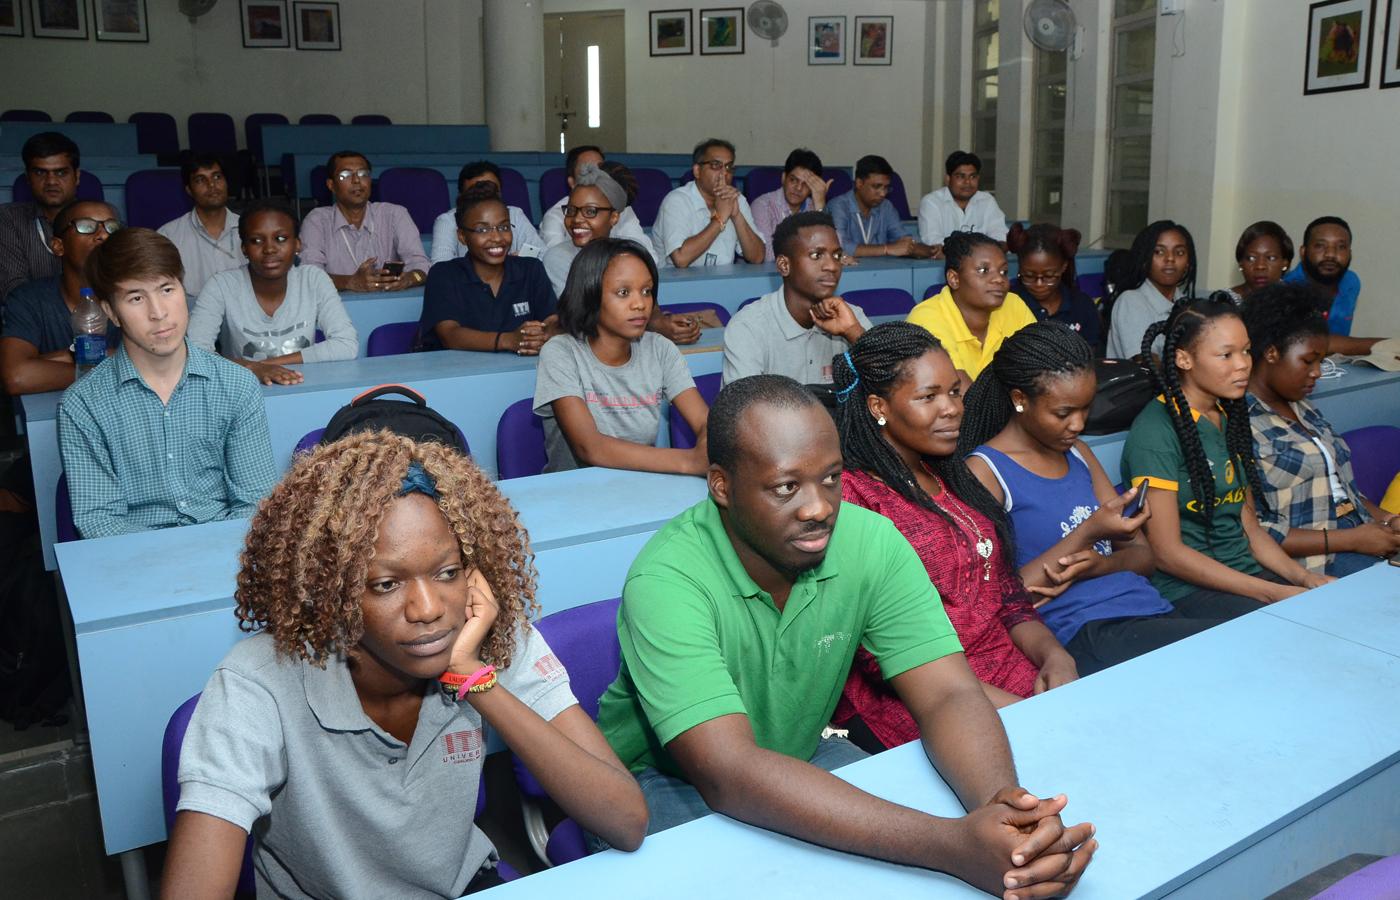 Costa d'Avorio. A scuola di pace